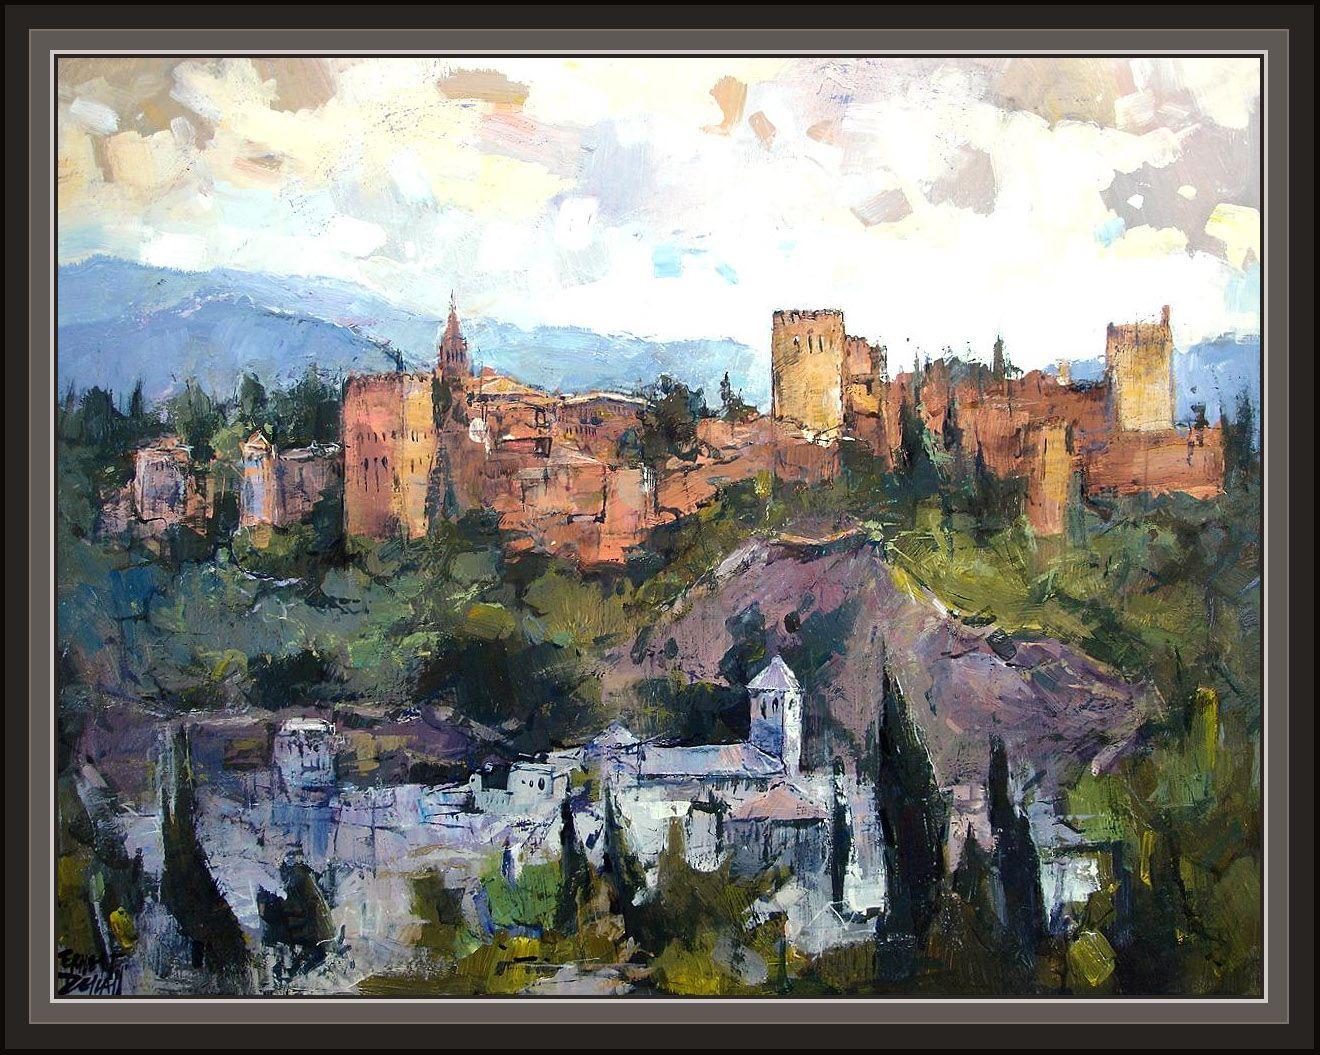 cuadros ernest descals pinturas granada la alhambra On granada pintura